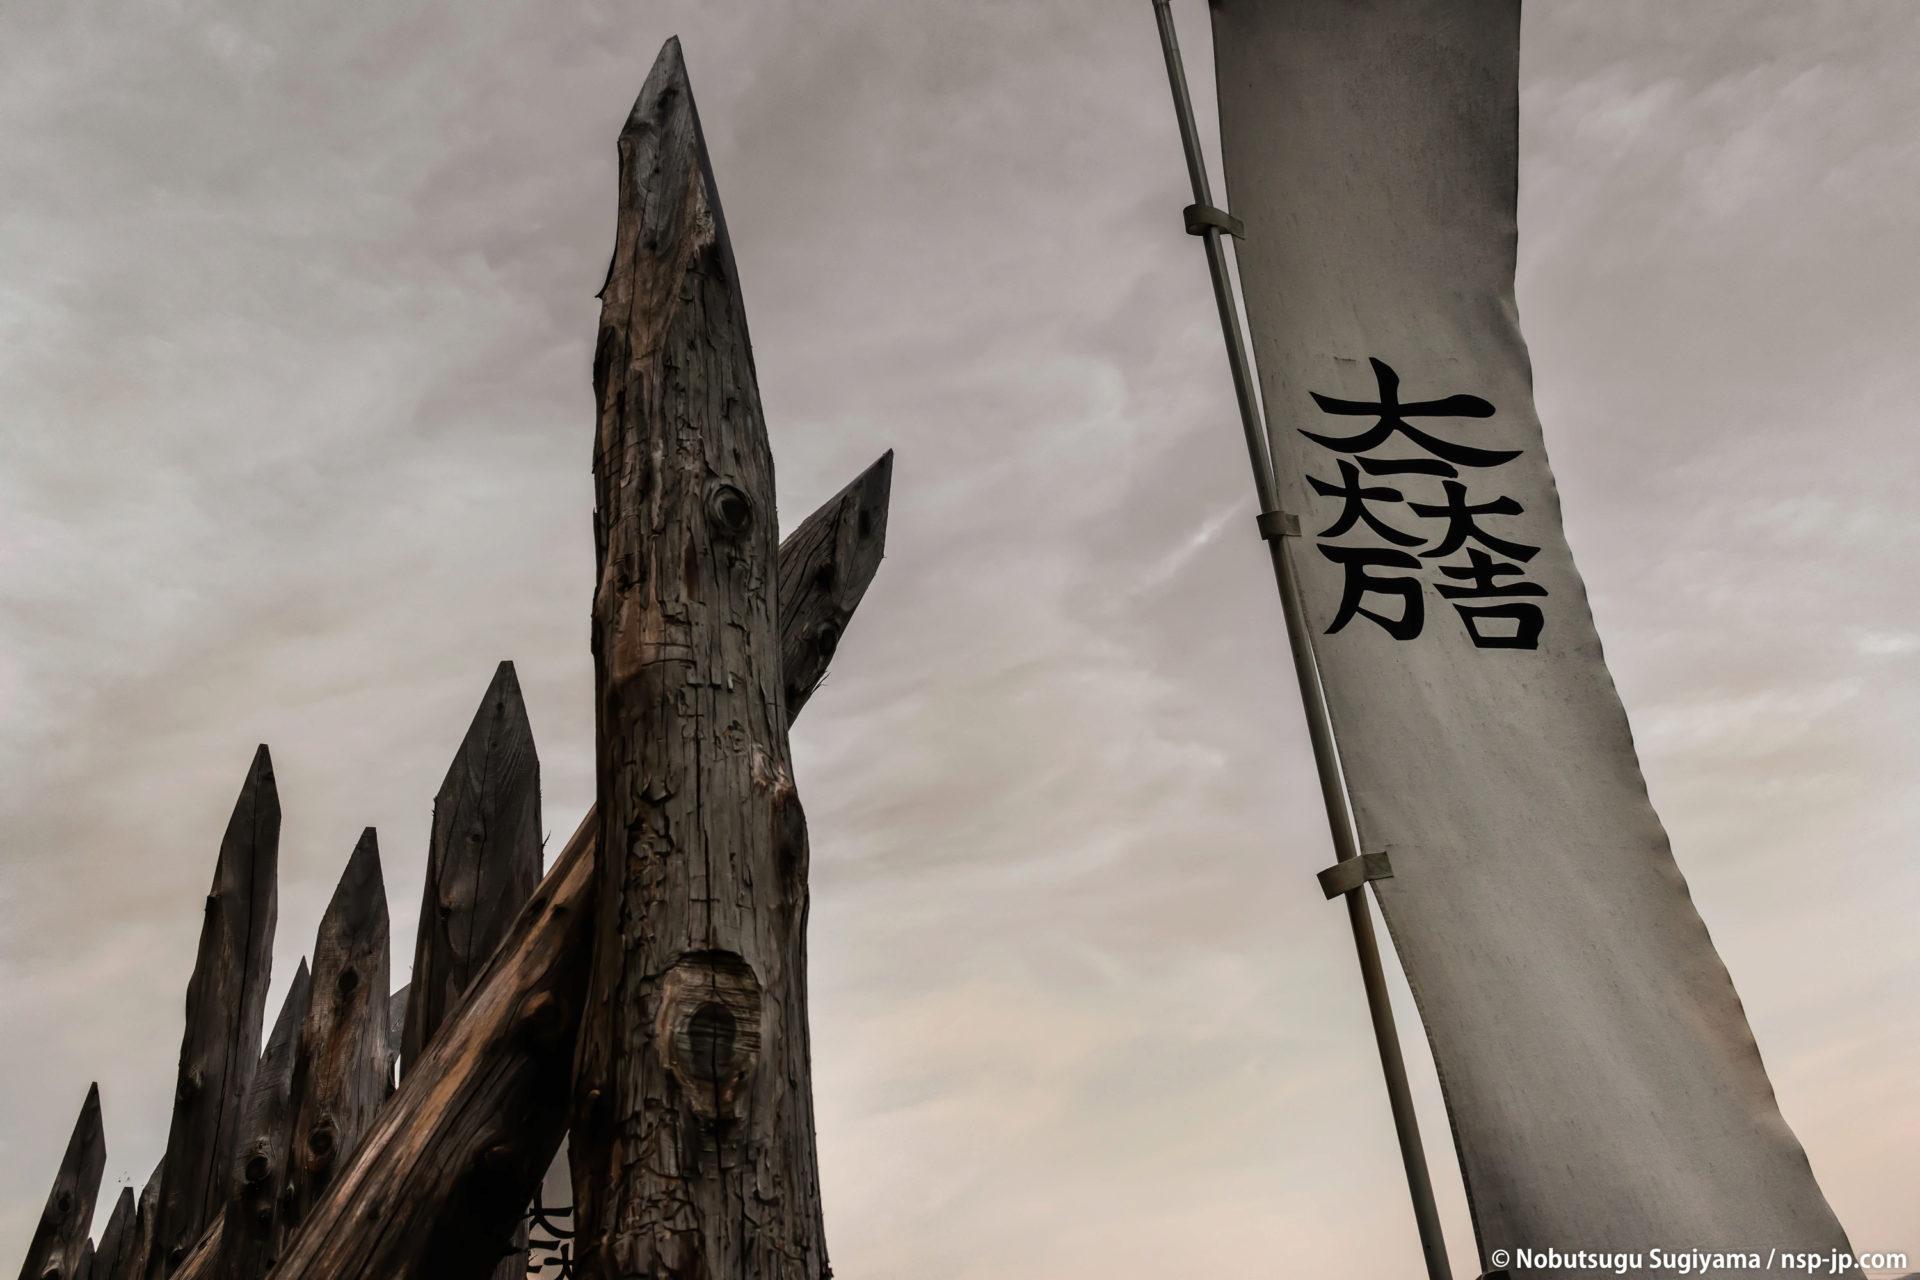 関ケ原古戦場-笹尾山・石田三成陣跡 | 岐阜 故郷巡礼 by 杉山宣嗣